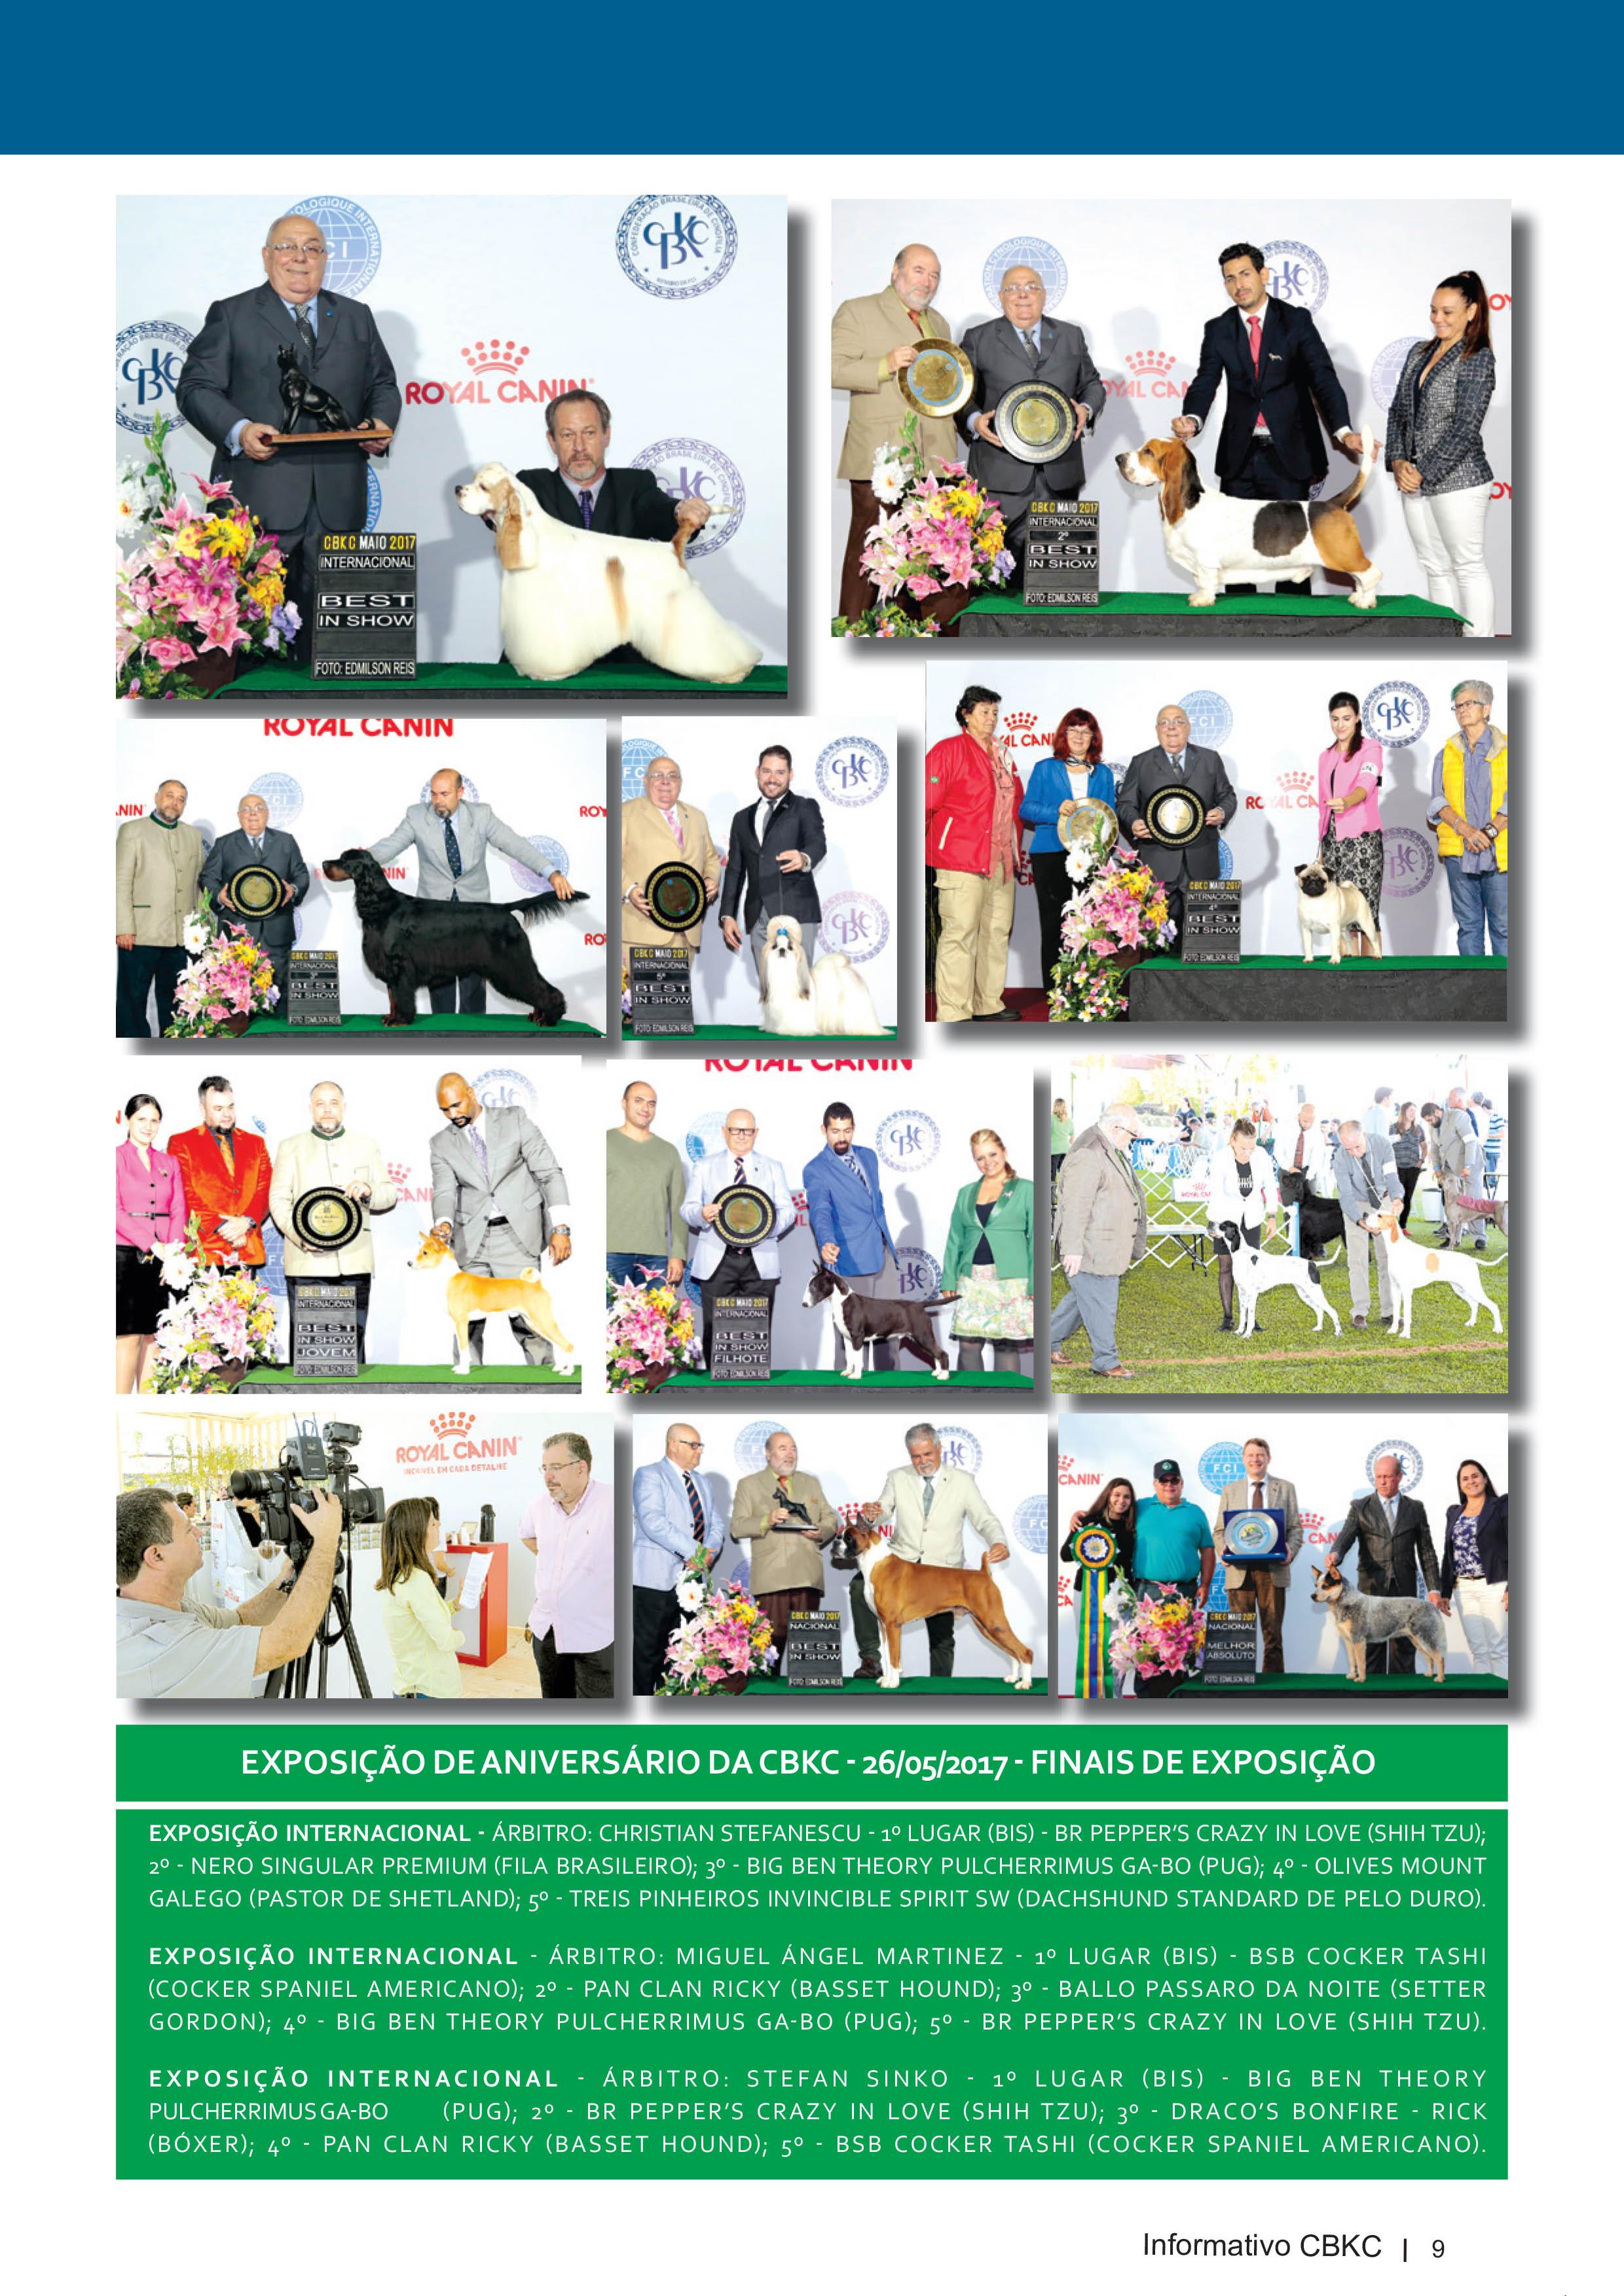 Pagina 9| Edição 54 do Informativo CBKC